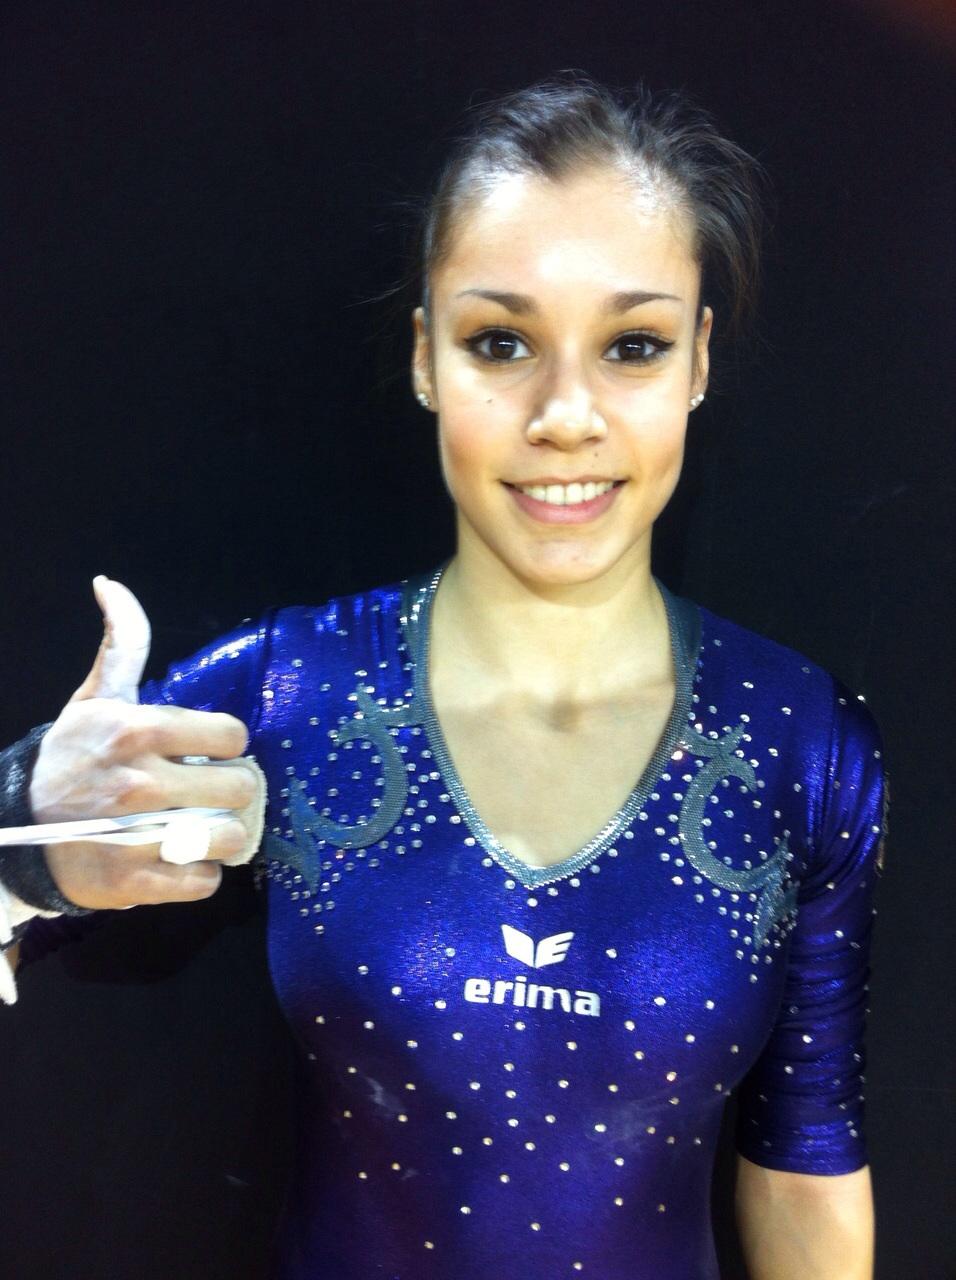 Michelle Timm für die Europameisterschaft nominiert